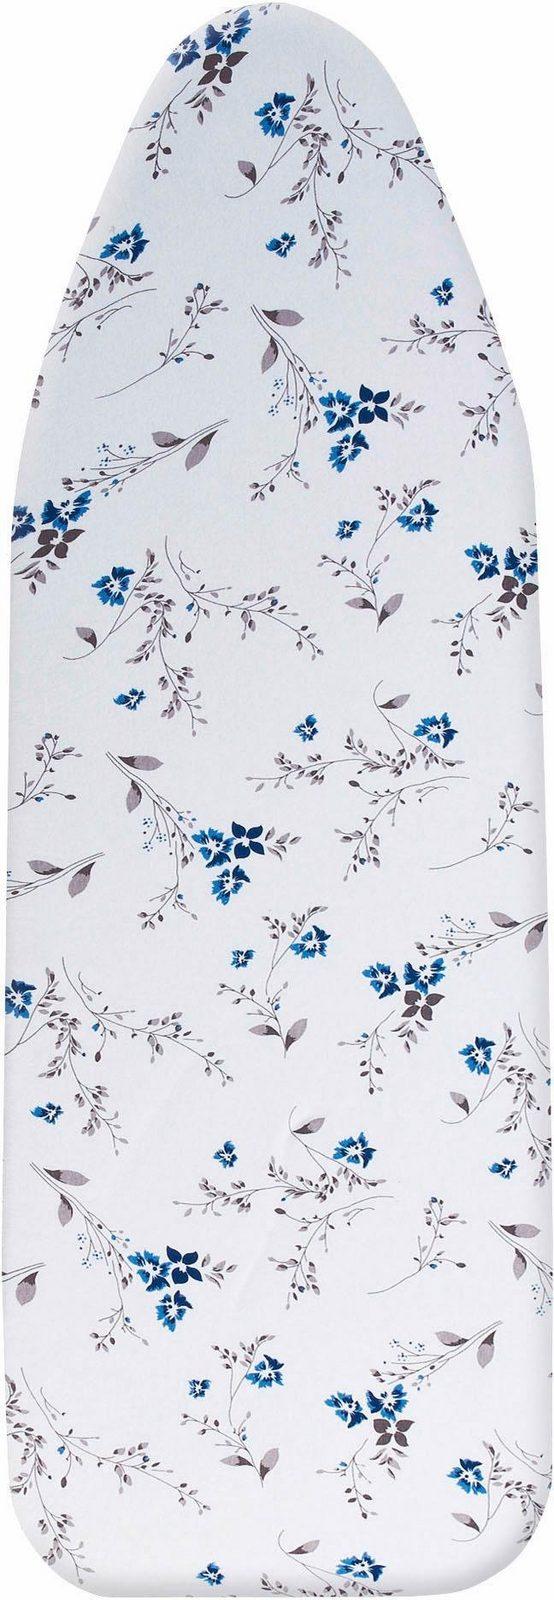 Wenko Bügeltischbezug, »Keramik Floral« jetztbilligerkaufen